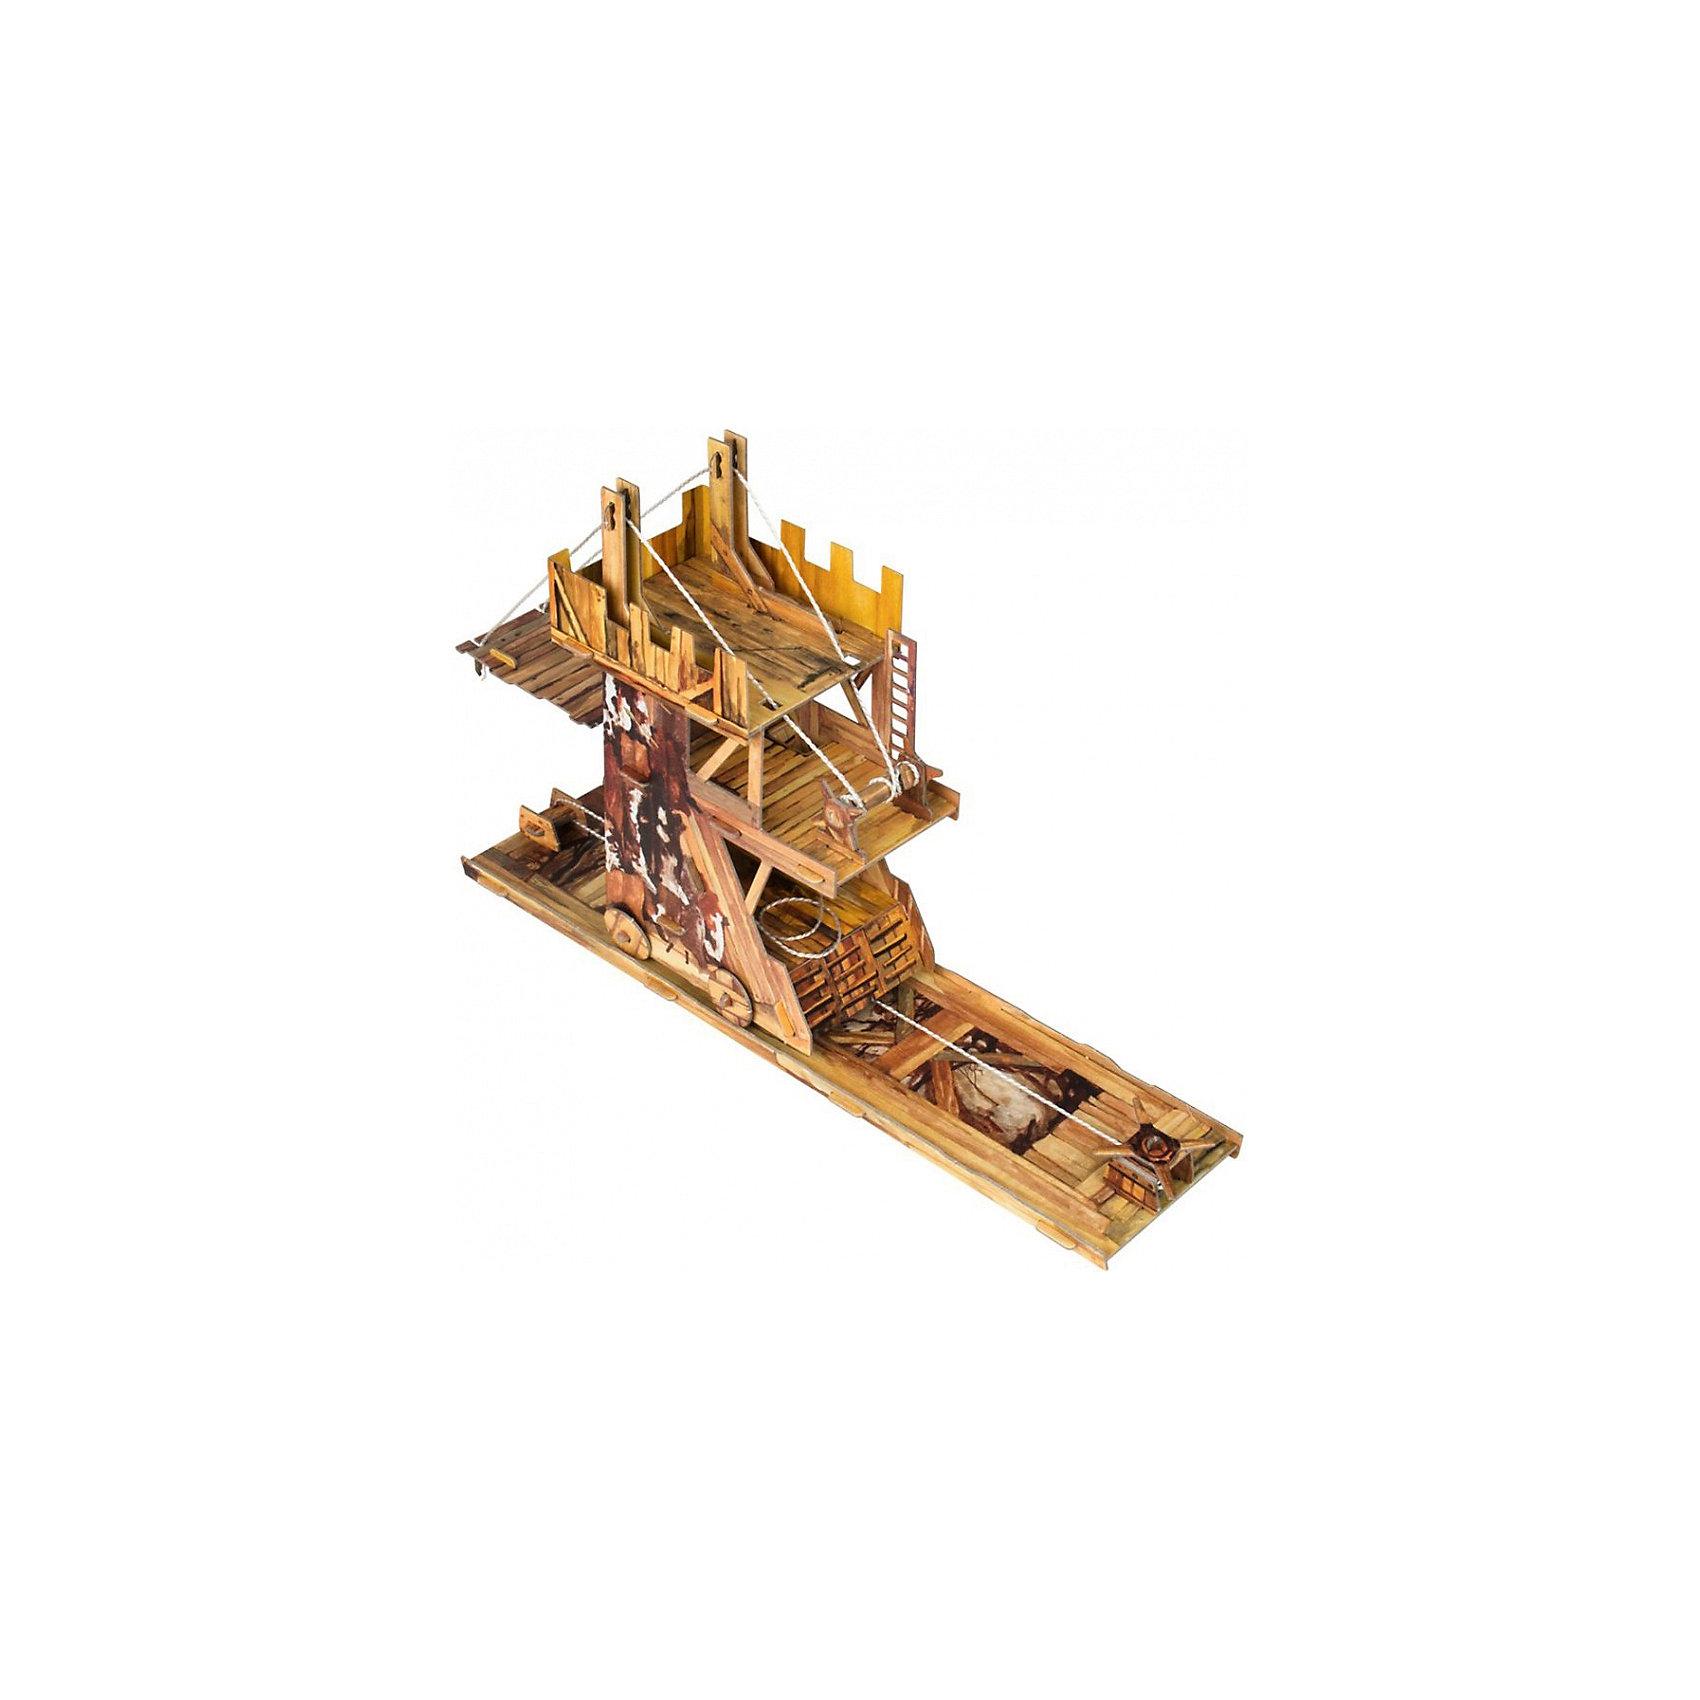 Сборная модель Осадная башняБумажные модели<br>Осадная башня - Сюжетный игровой набор из плотного картона. Серия: Средневековый город. Количество деталей, шт: 51. Размер в собранном виде, см: 34 x 21,5 x 8,5. Размер упаковки, мм.:  высота 368 ширина 252 глубина 23. Тип упаковки: Картонная коробка. Вес, гр.: 352. Возраст: от 7 лет. Все модели и игрушки, созданные по технологии УМНАЯ БУМАГА собираются без ножниц и клея, что является их неповторимой особенностью.<br>Принцип соединения деталей запатентован. Соединения деталей продуманы и просчитаны с такой точностью, что при правильной сборке с моделью можно играть, как с обычной игрушкой.<br><br>Ширина мм: 252<br>Глубина мм: 23<br>Высота мм: 368<br>Вес г: 352<br>Возраст от месяцев: 84<br>Возраст до месяцев: 2147483647<br>Пол: Унисекс<br>Возраст: Детский<br>SKU: 4807483